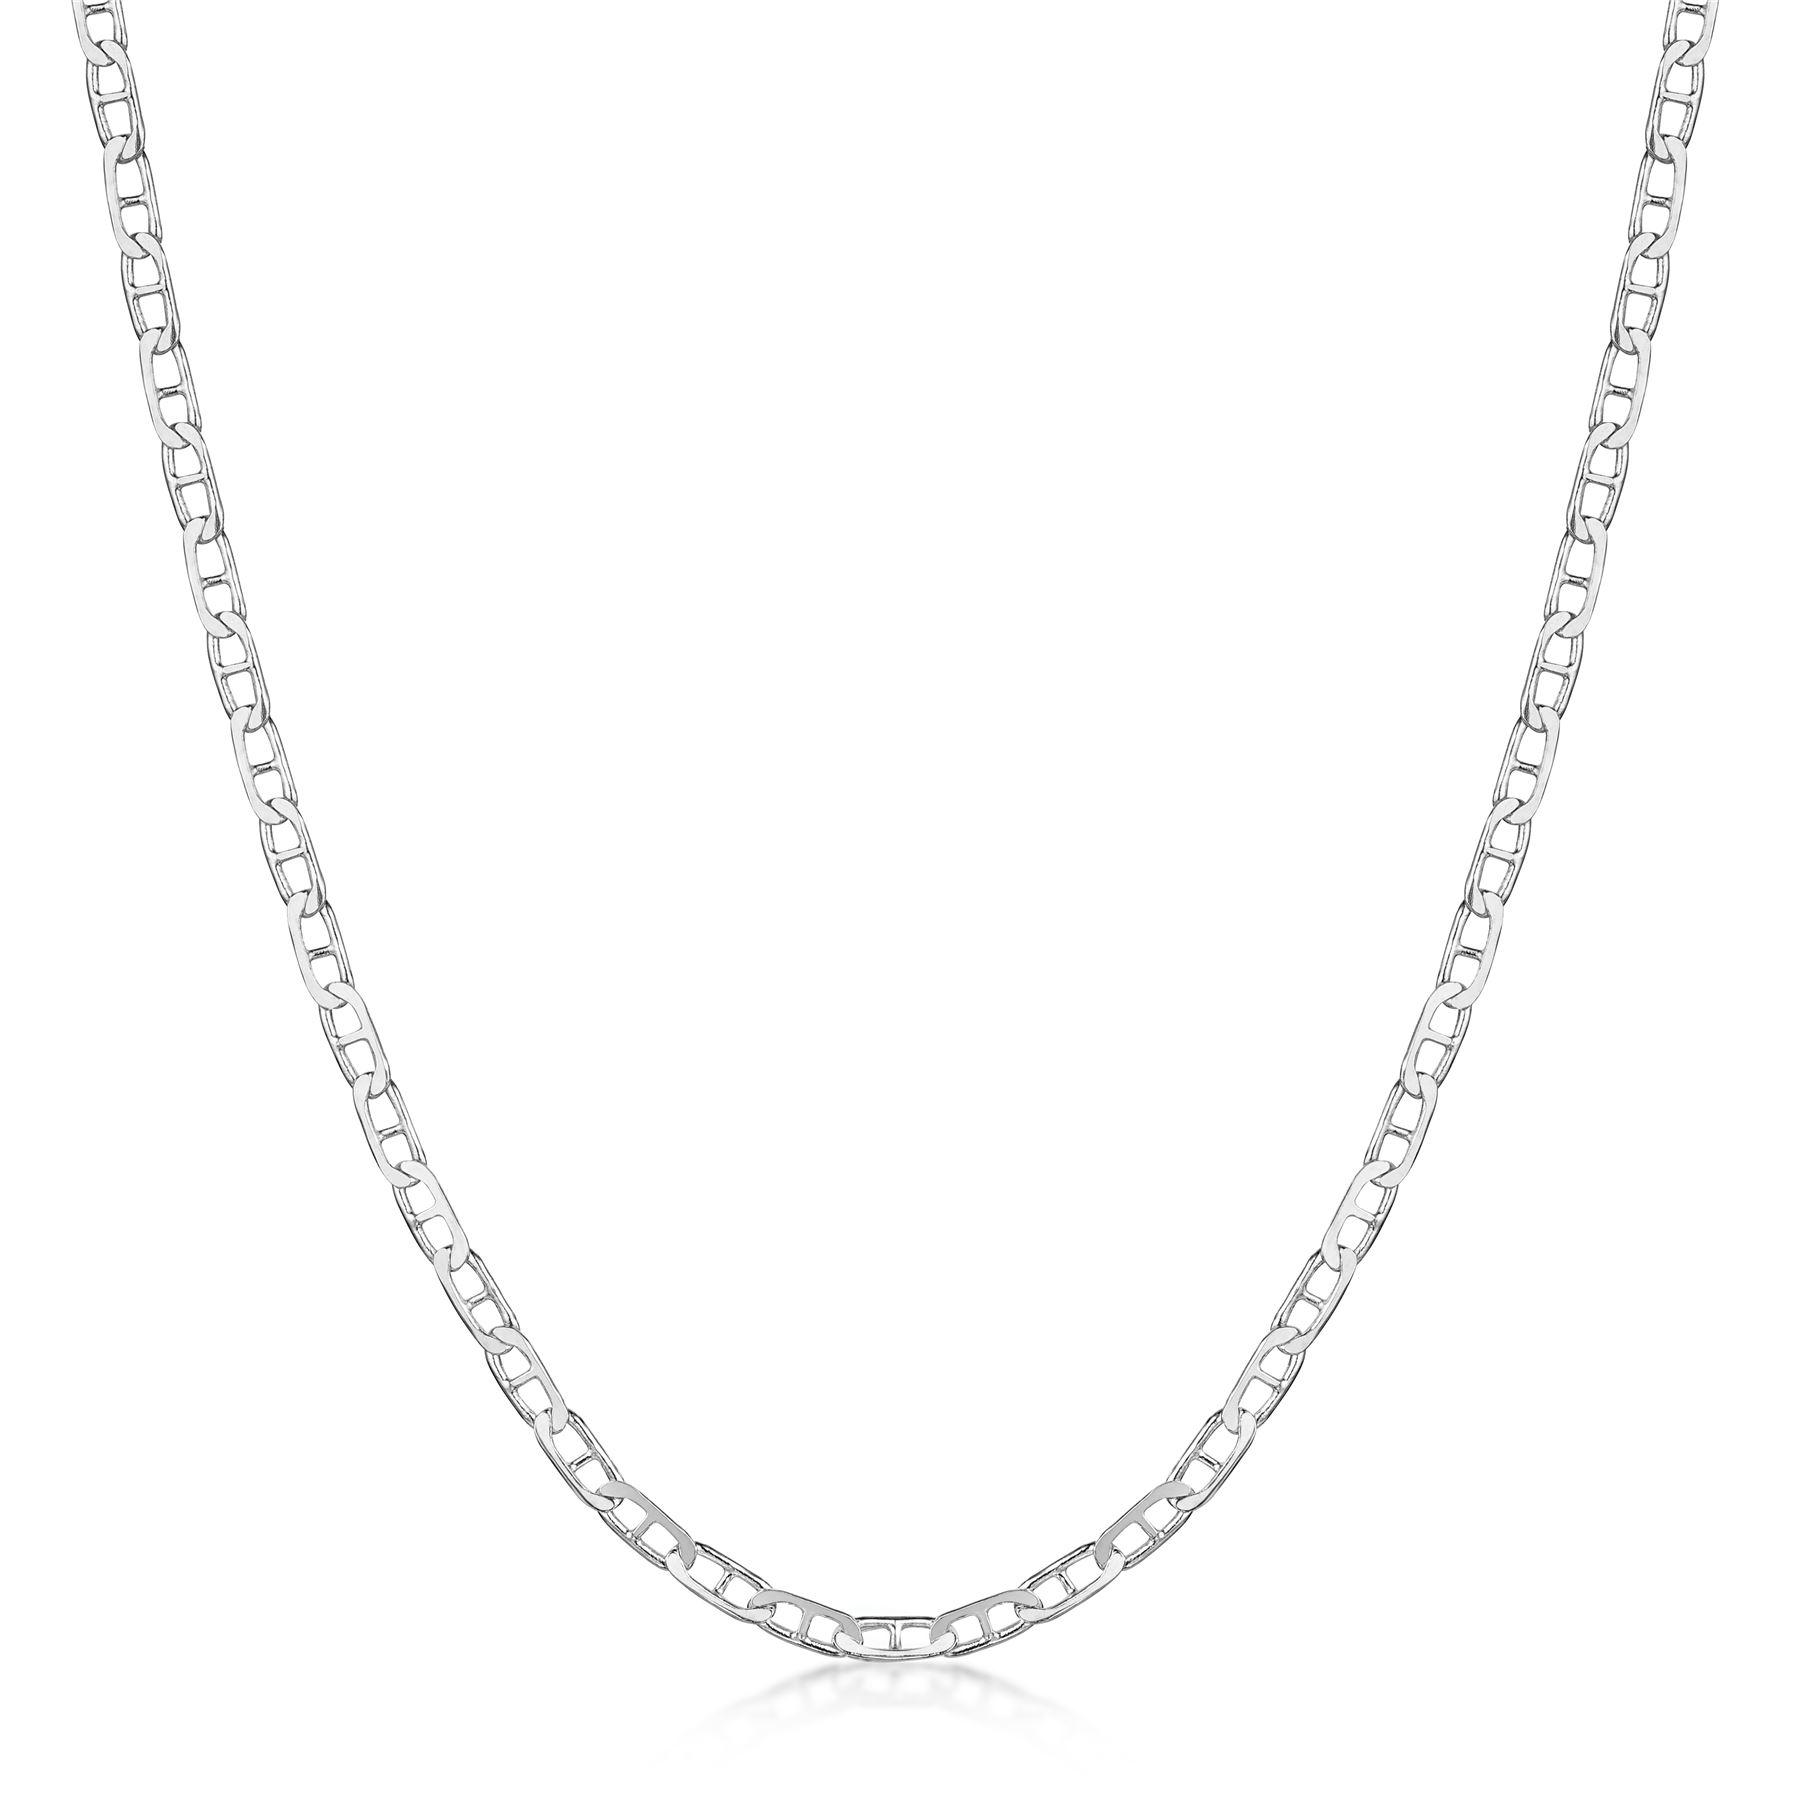 Amberta-Collar-en-Plata-De-Ley-925-Autentica-Cadena-para-Mujer-y-Hombre-Italiana miniatura 98